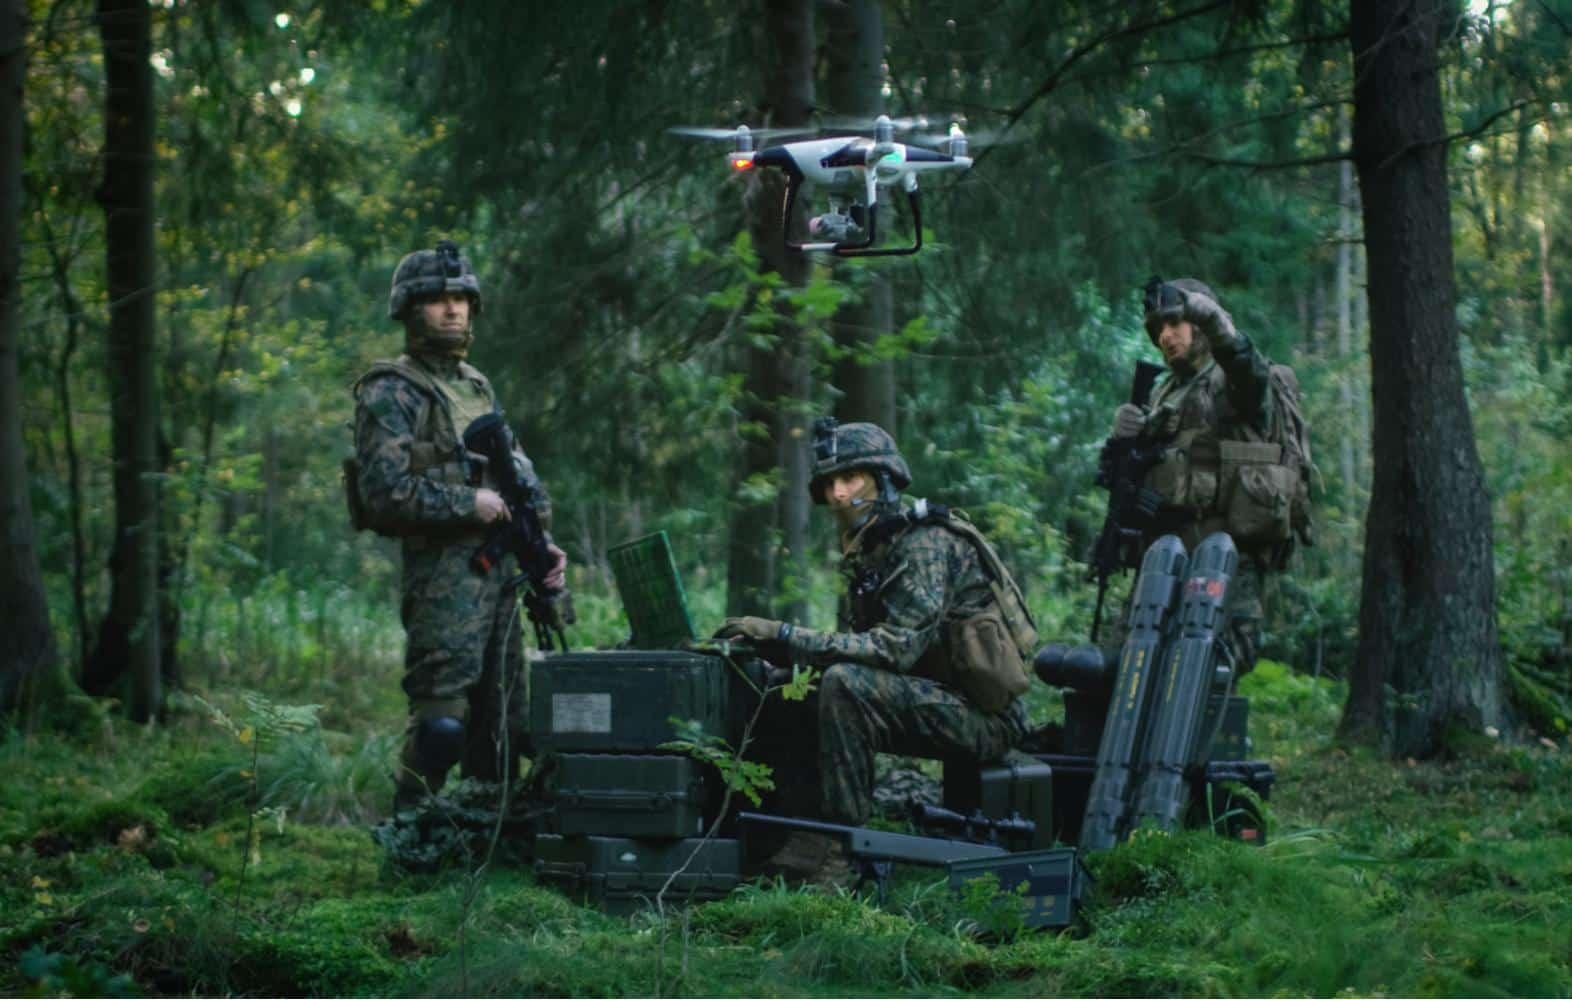 Desenvolvimento de armas autônomas pode gerar uma nova corrida armamentista. Crédito: Gorodenkoff/Shutterstock